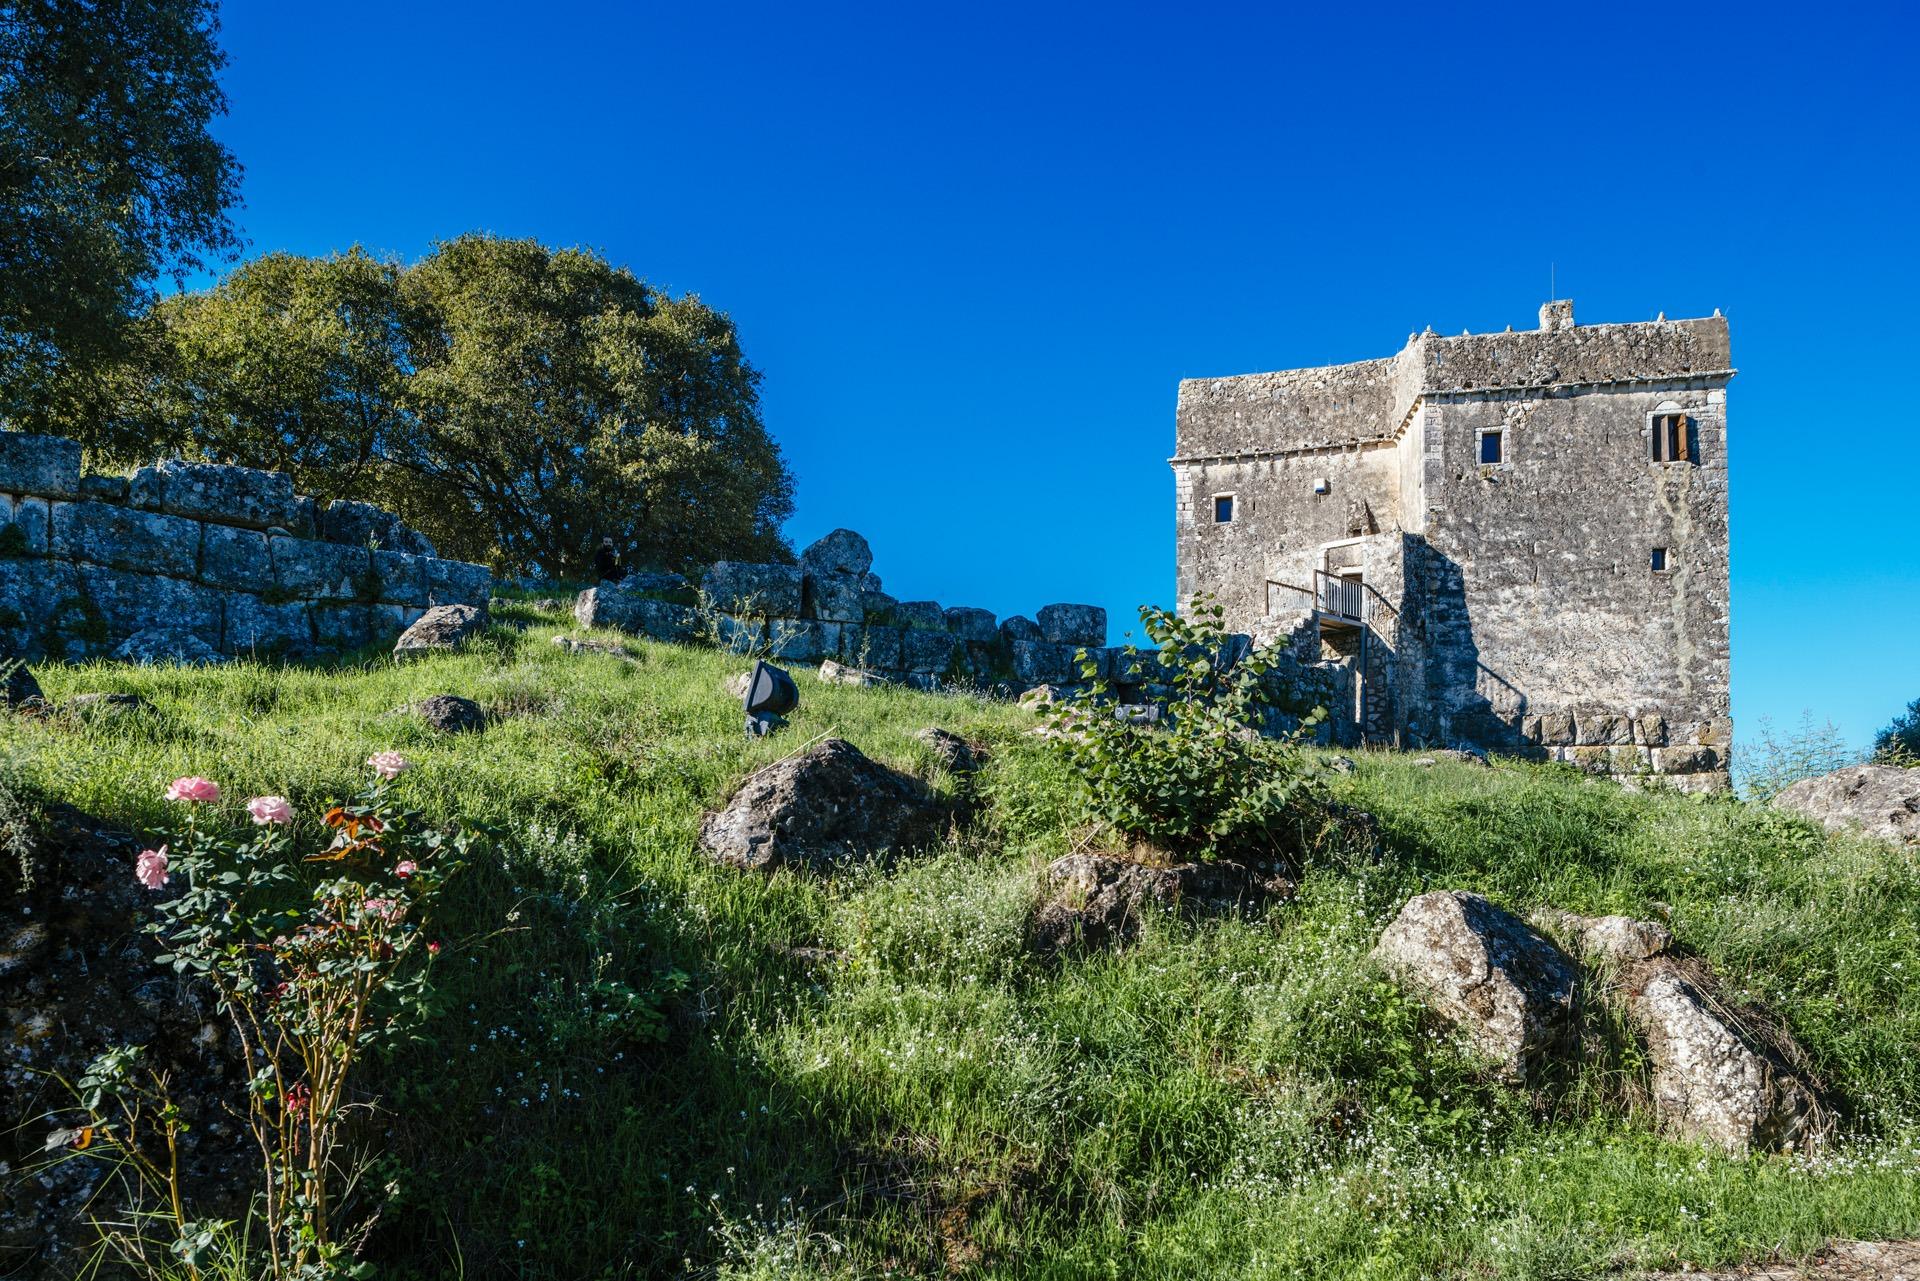 Tower of Ragio